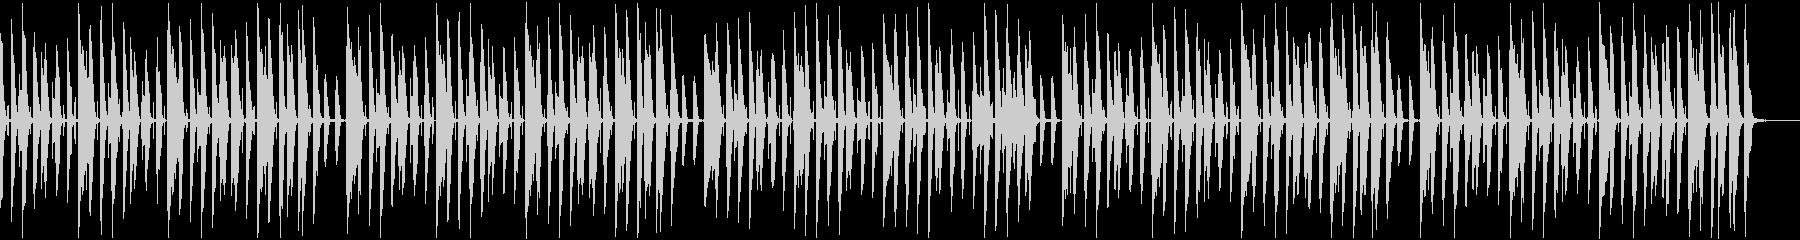 ほのぼの日常 ピアノ レシピ紹介シーンの未再生の波形